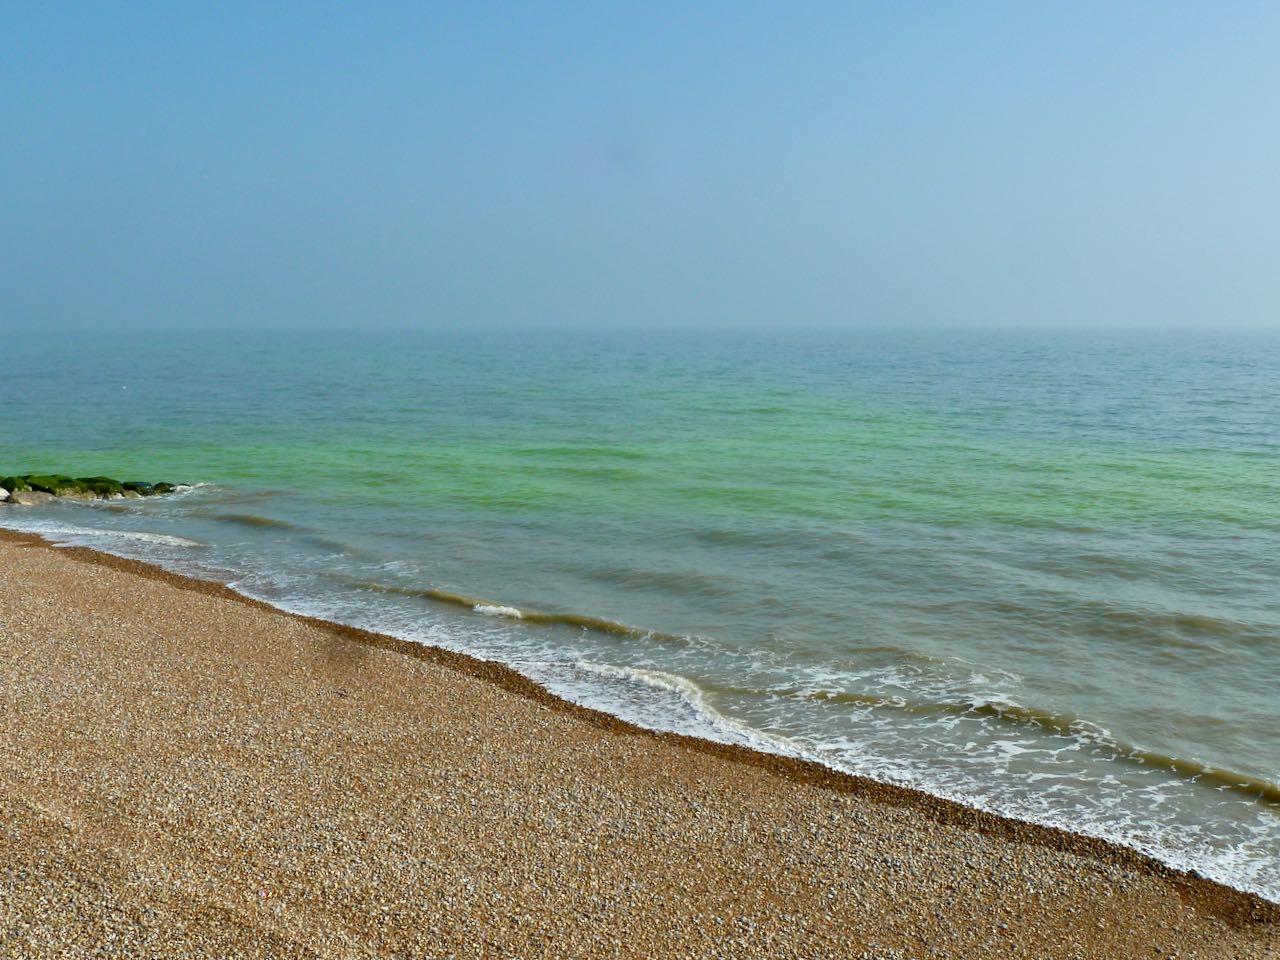 Green sea algae seen off St Leonards, East Sussex